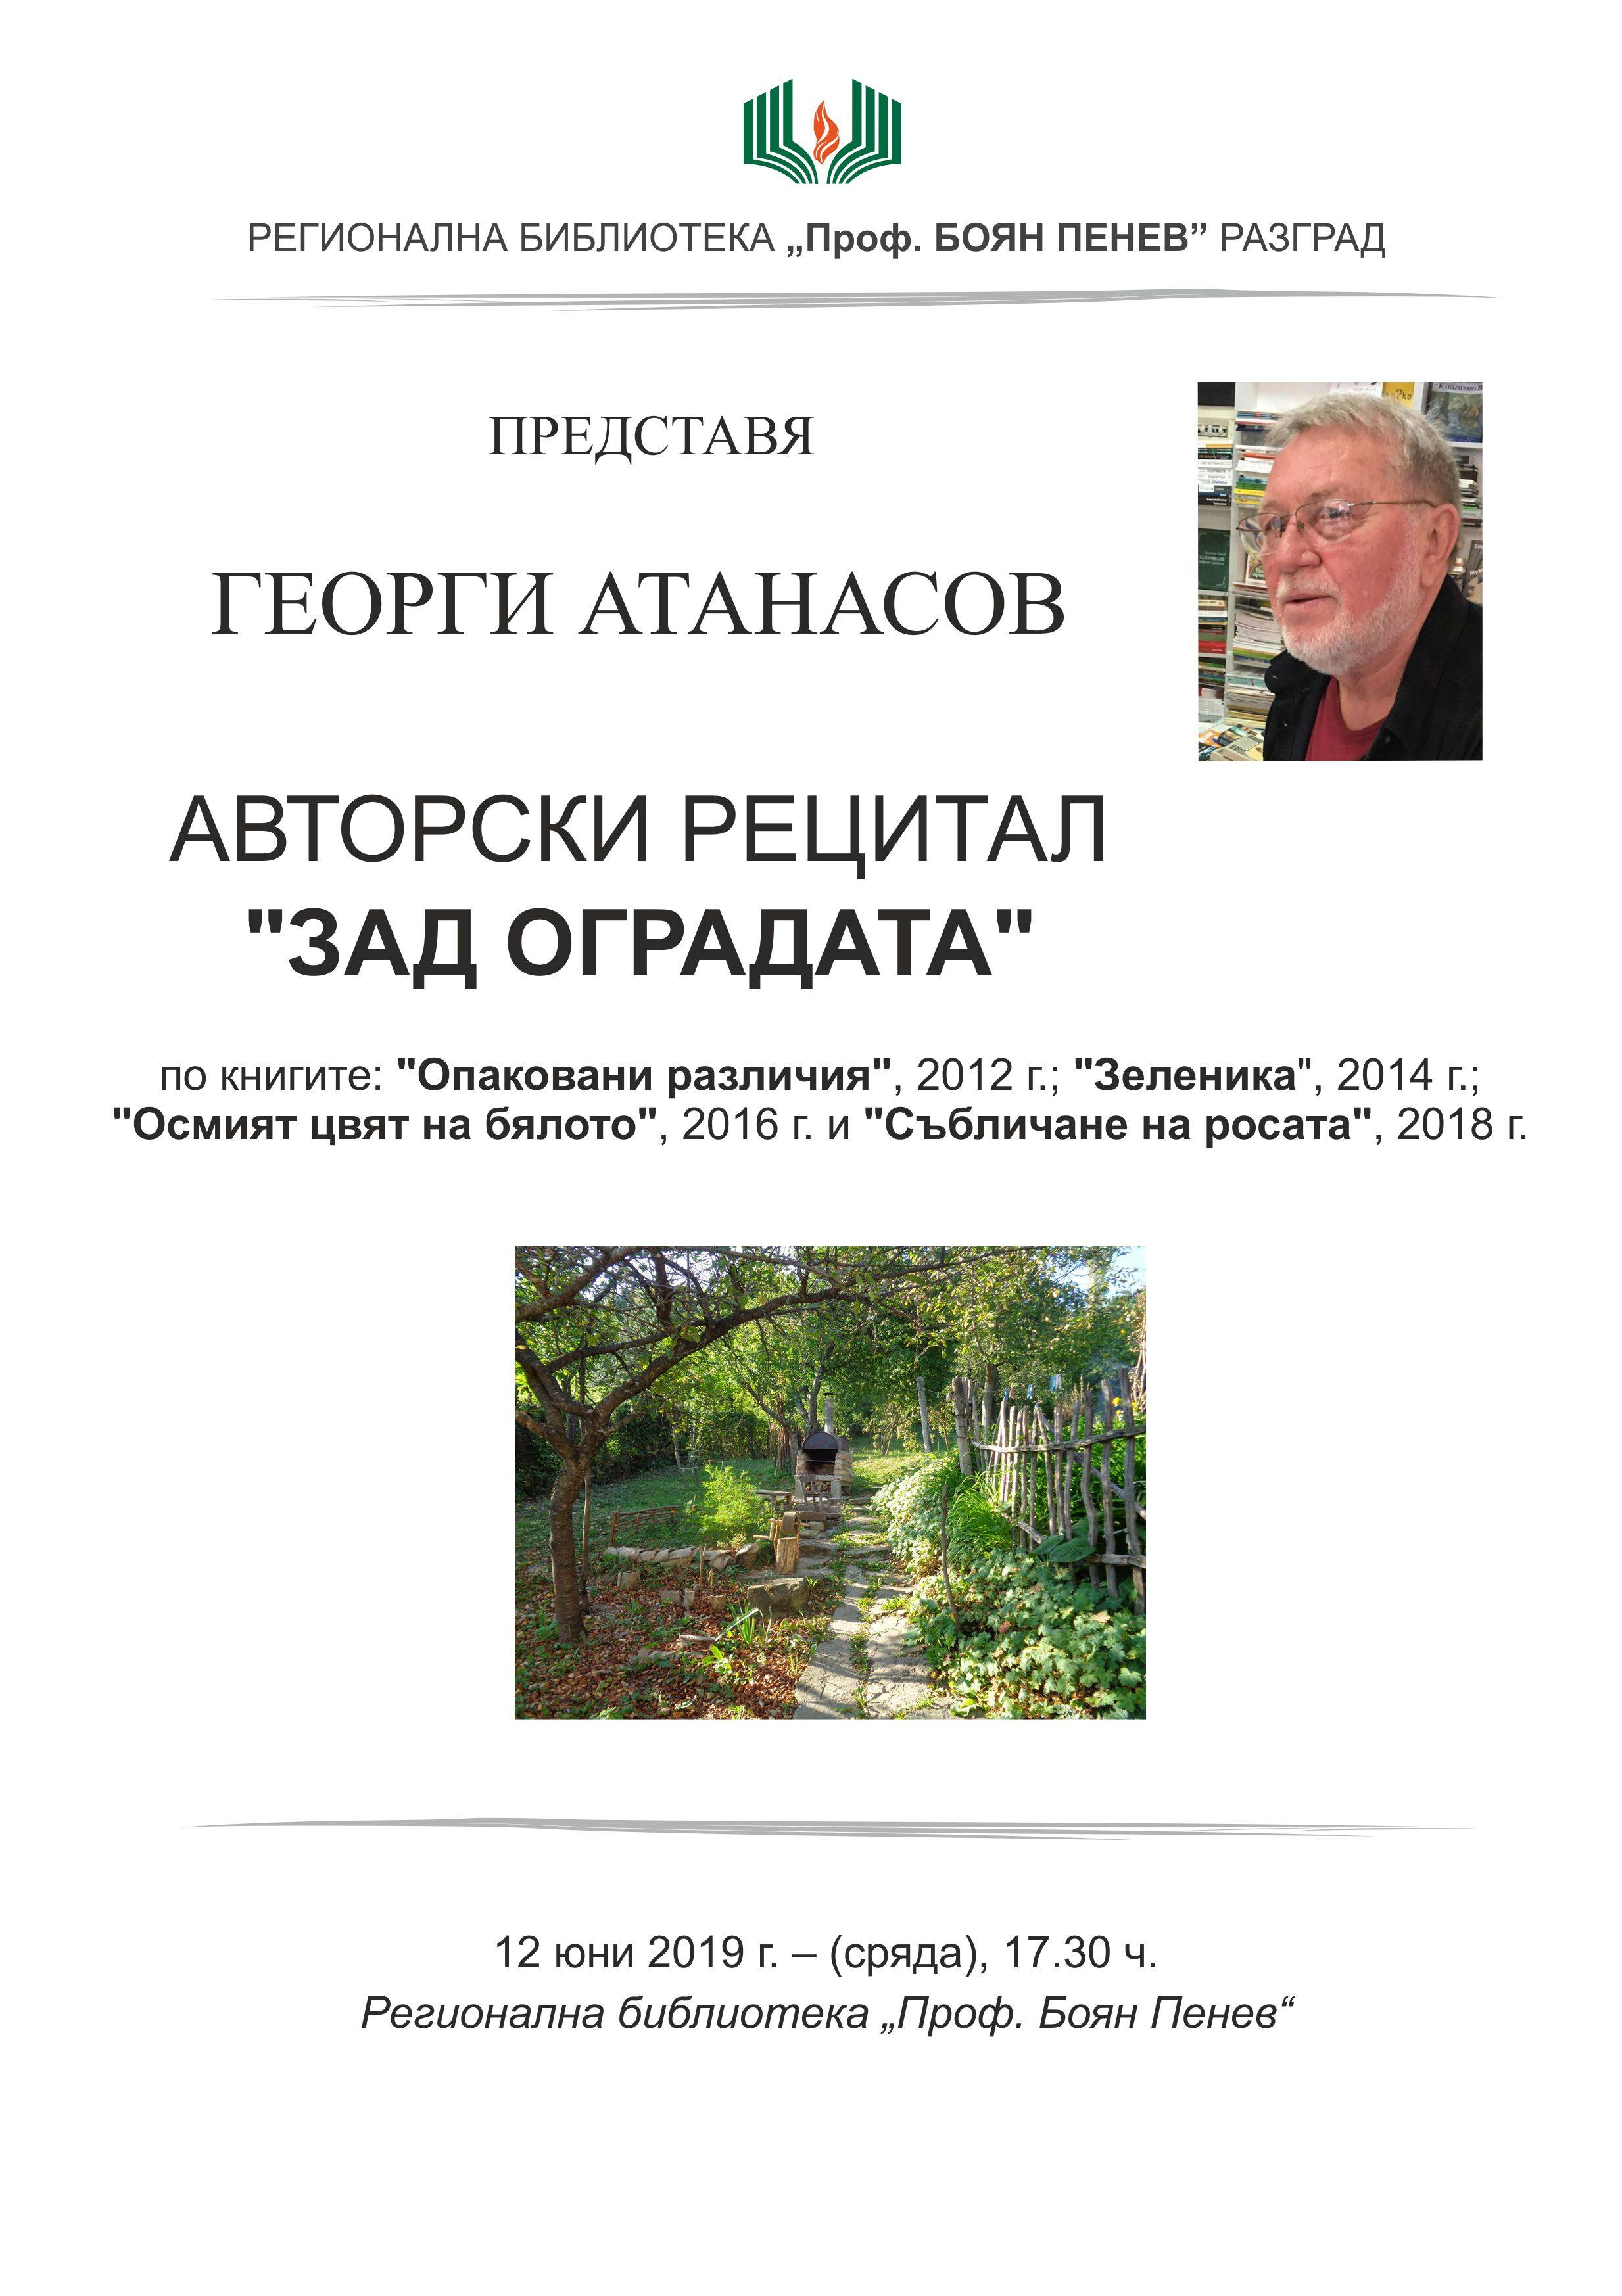 Авторски рецитал на Георги Атанасов събира ценители н� ...